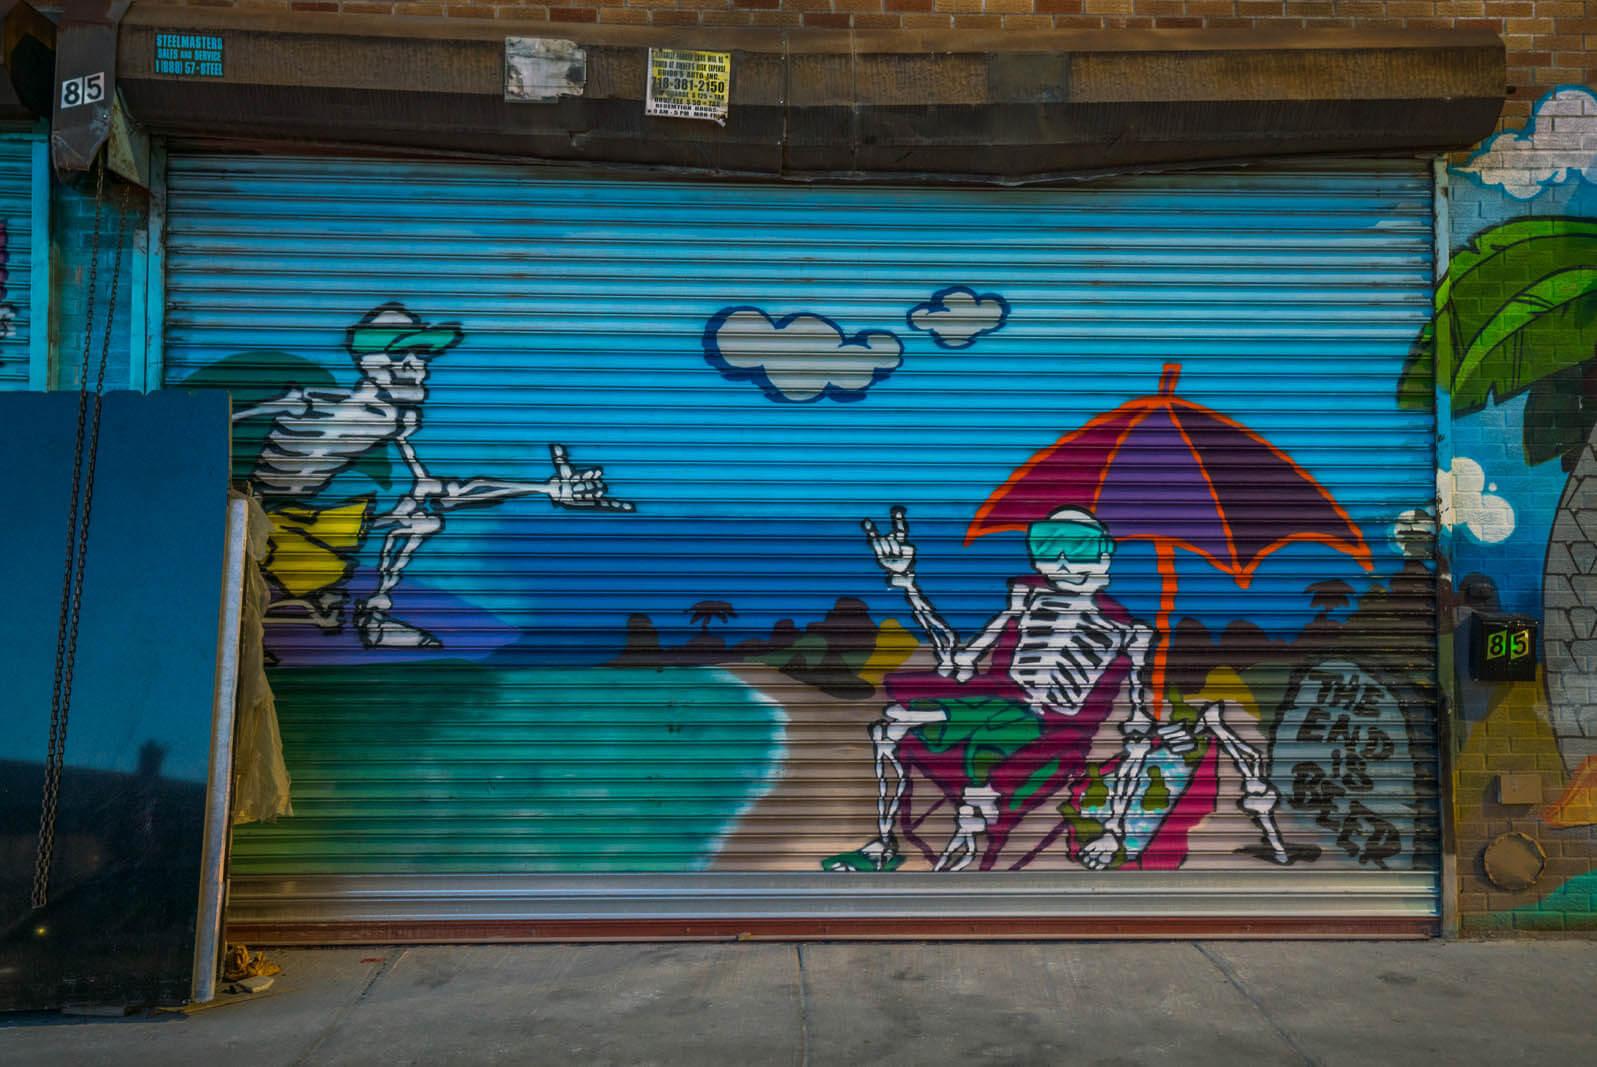 more Brooklyn street art walking from Bushwick to East Williamsburg on Knickerbocker Ave